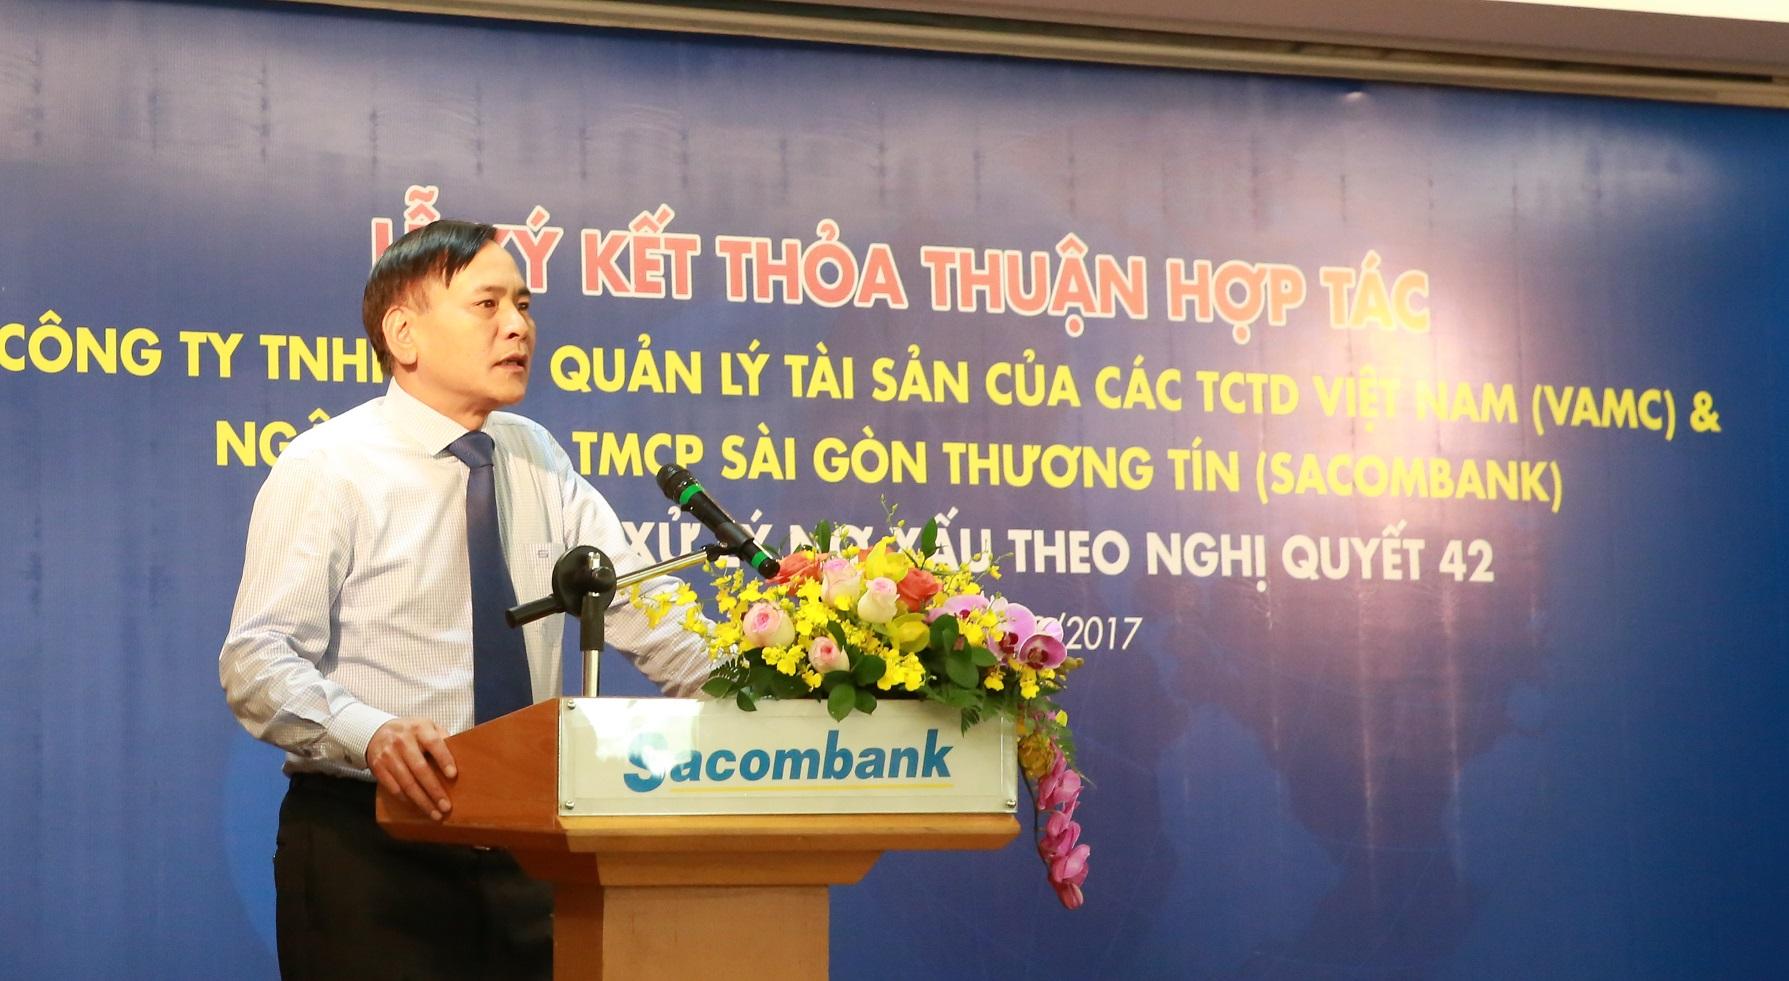 VAMC mua hơn 2.580 tỷ đồng nợ xấu của Sacombank bằng tiền